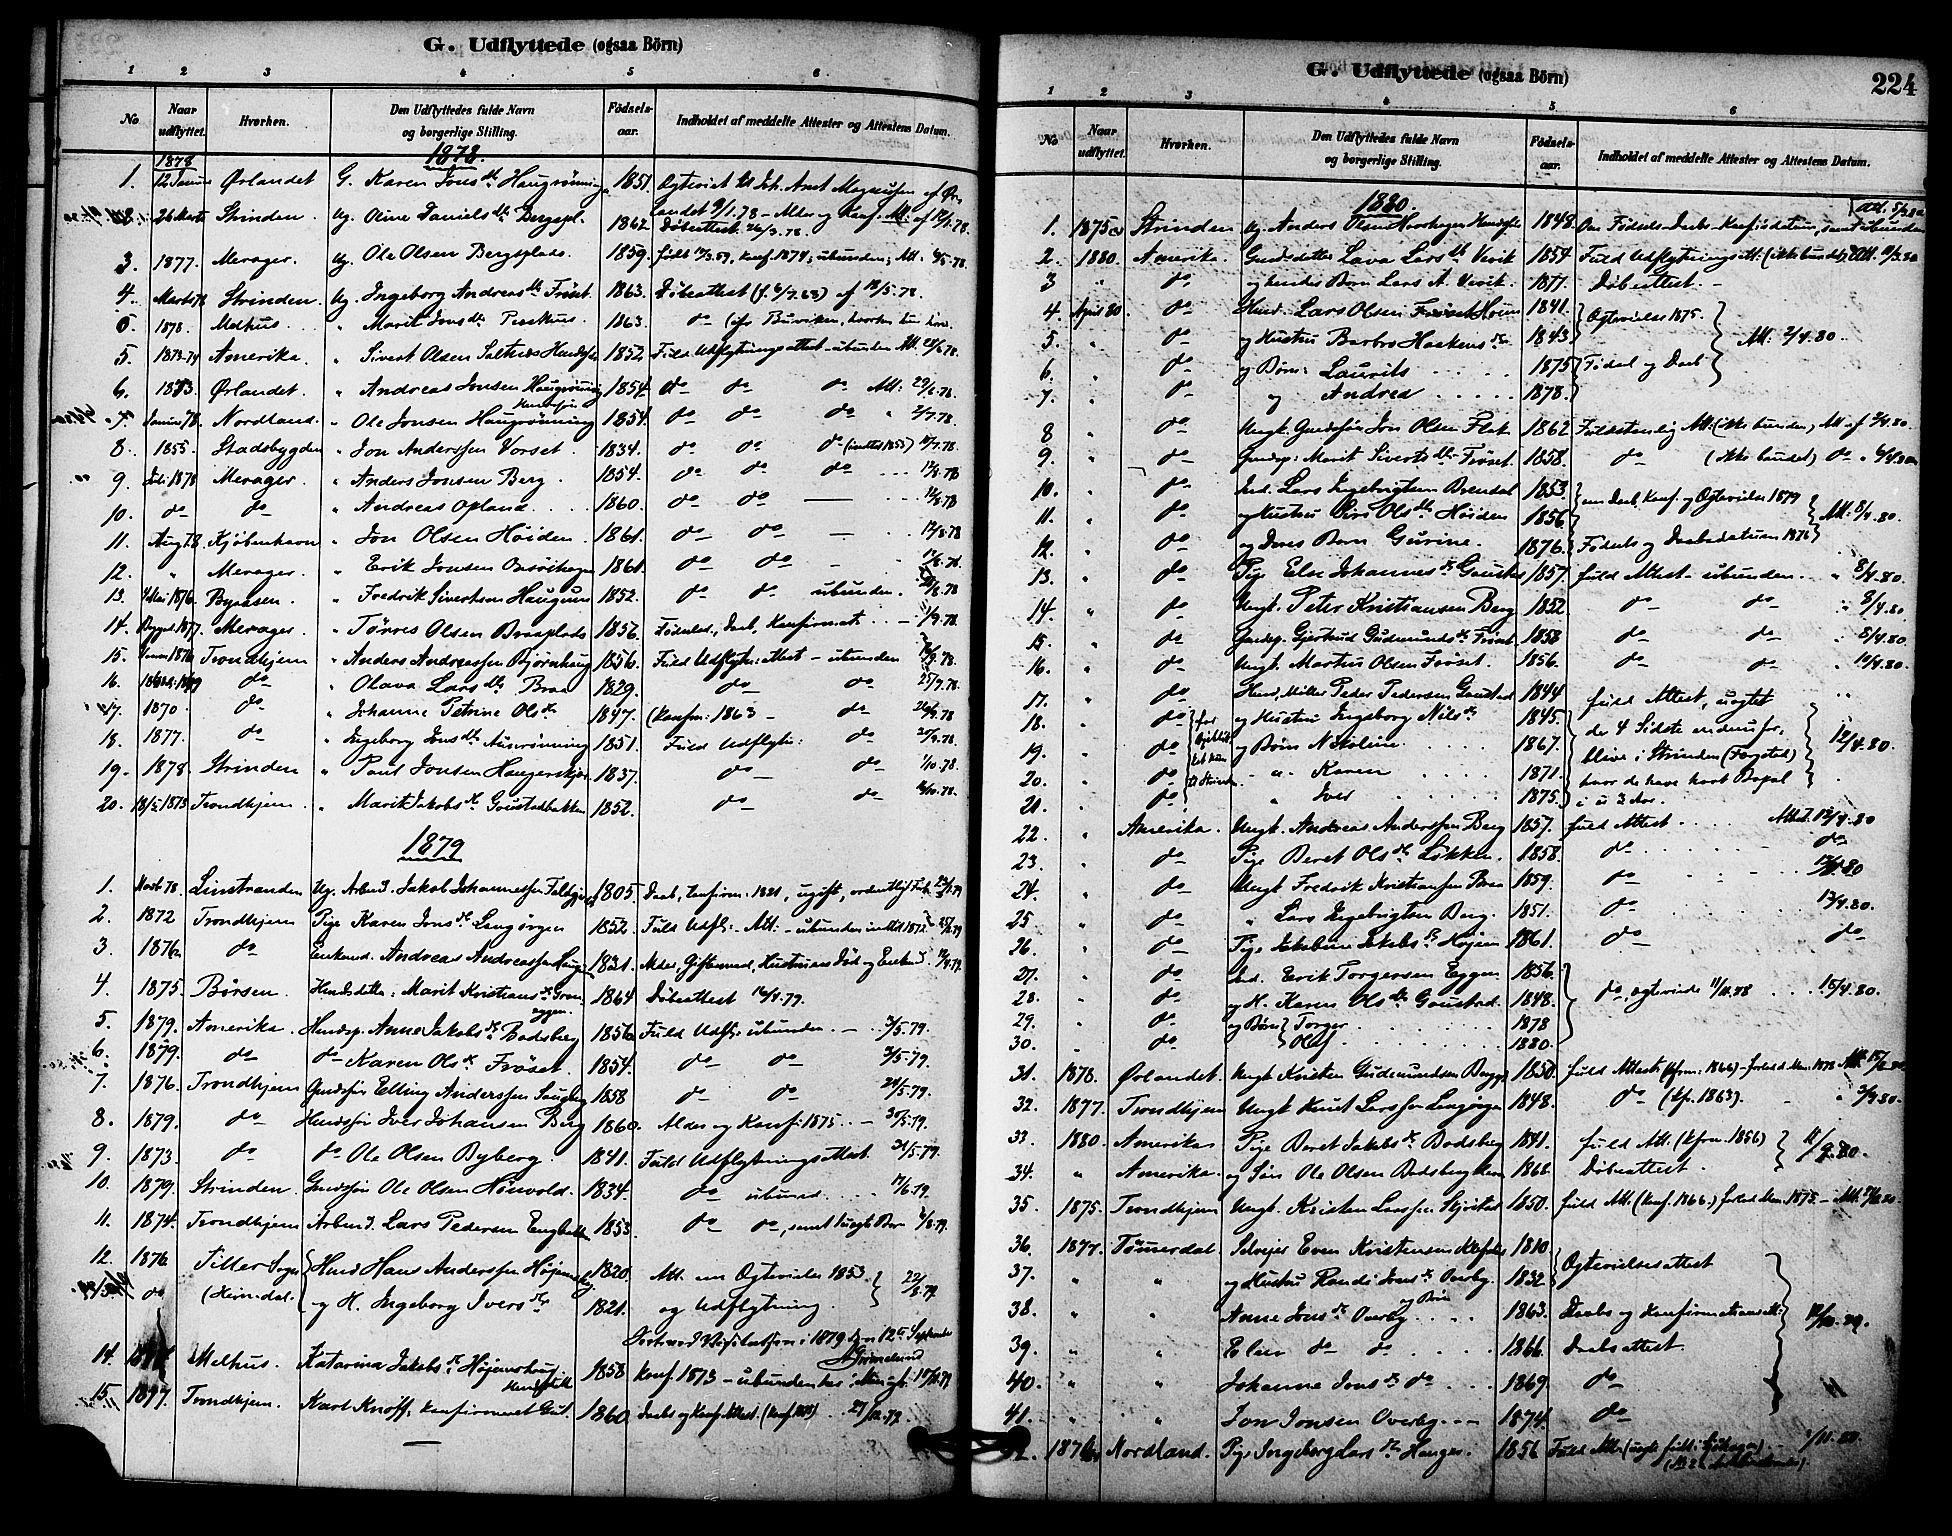 SAT, Ministerialprotokoller, klokkerbøker og fødselsregistre - Sør-Trøndelag, 612/L0378: Ministerialbok nr. 612A10, 1878-1897, s. 224